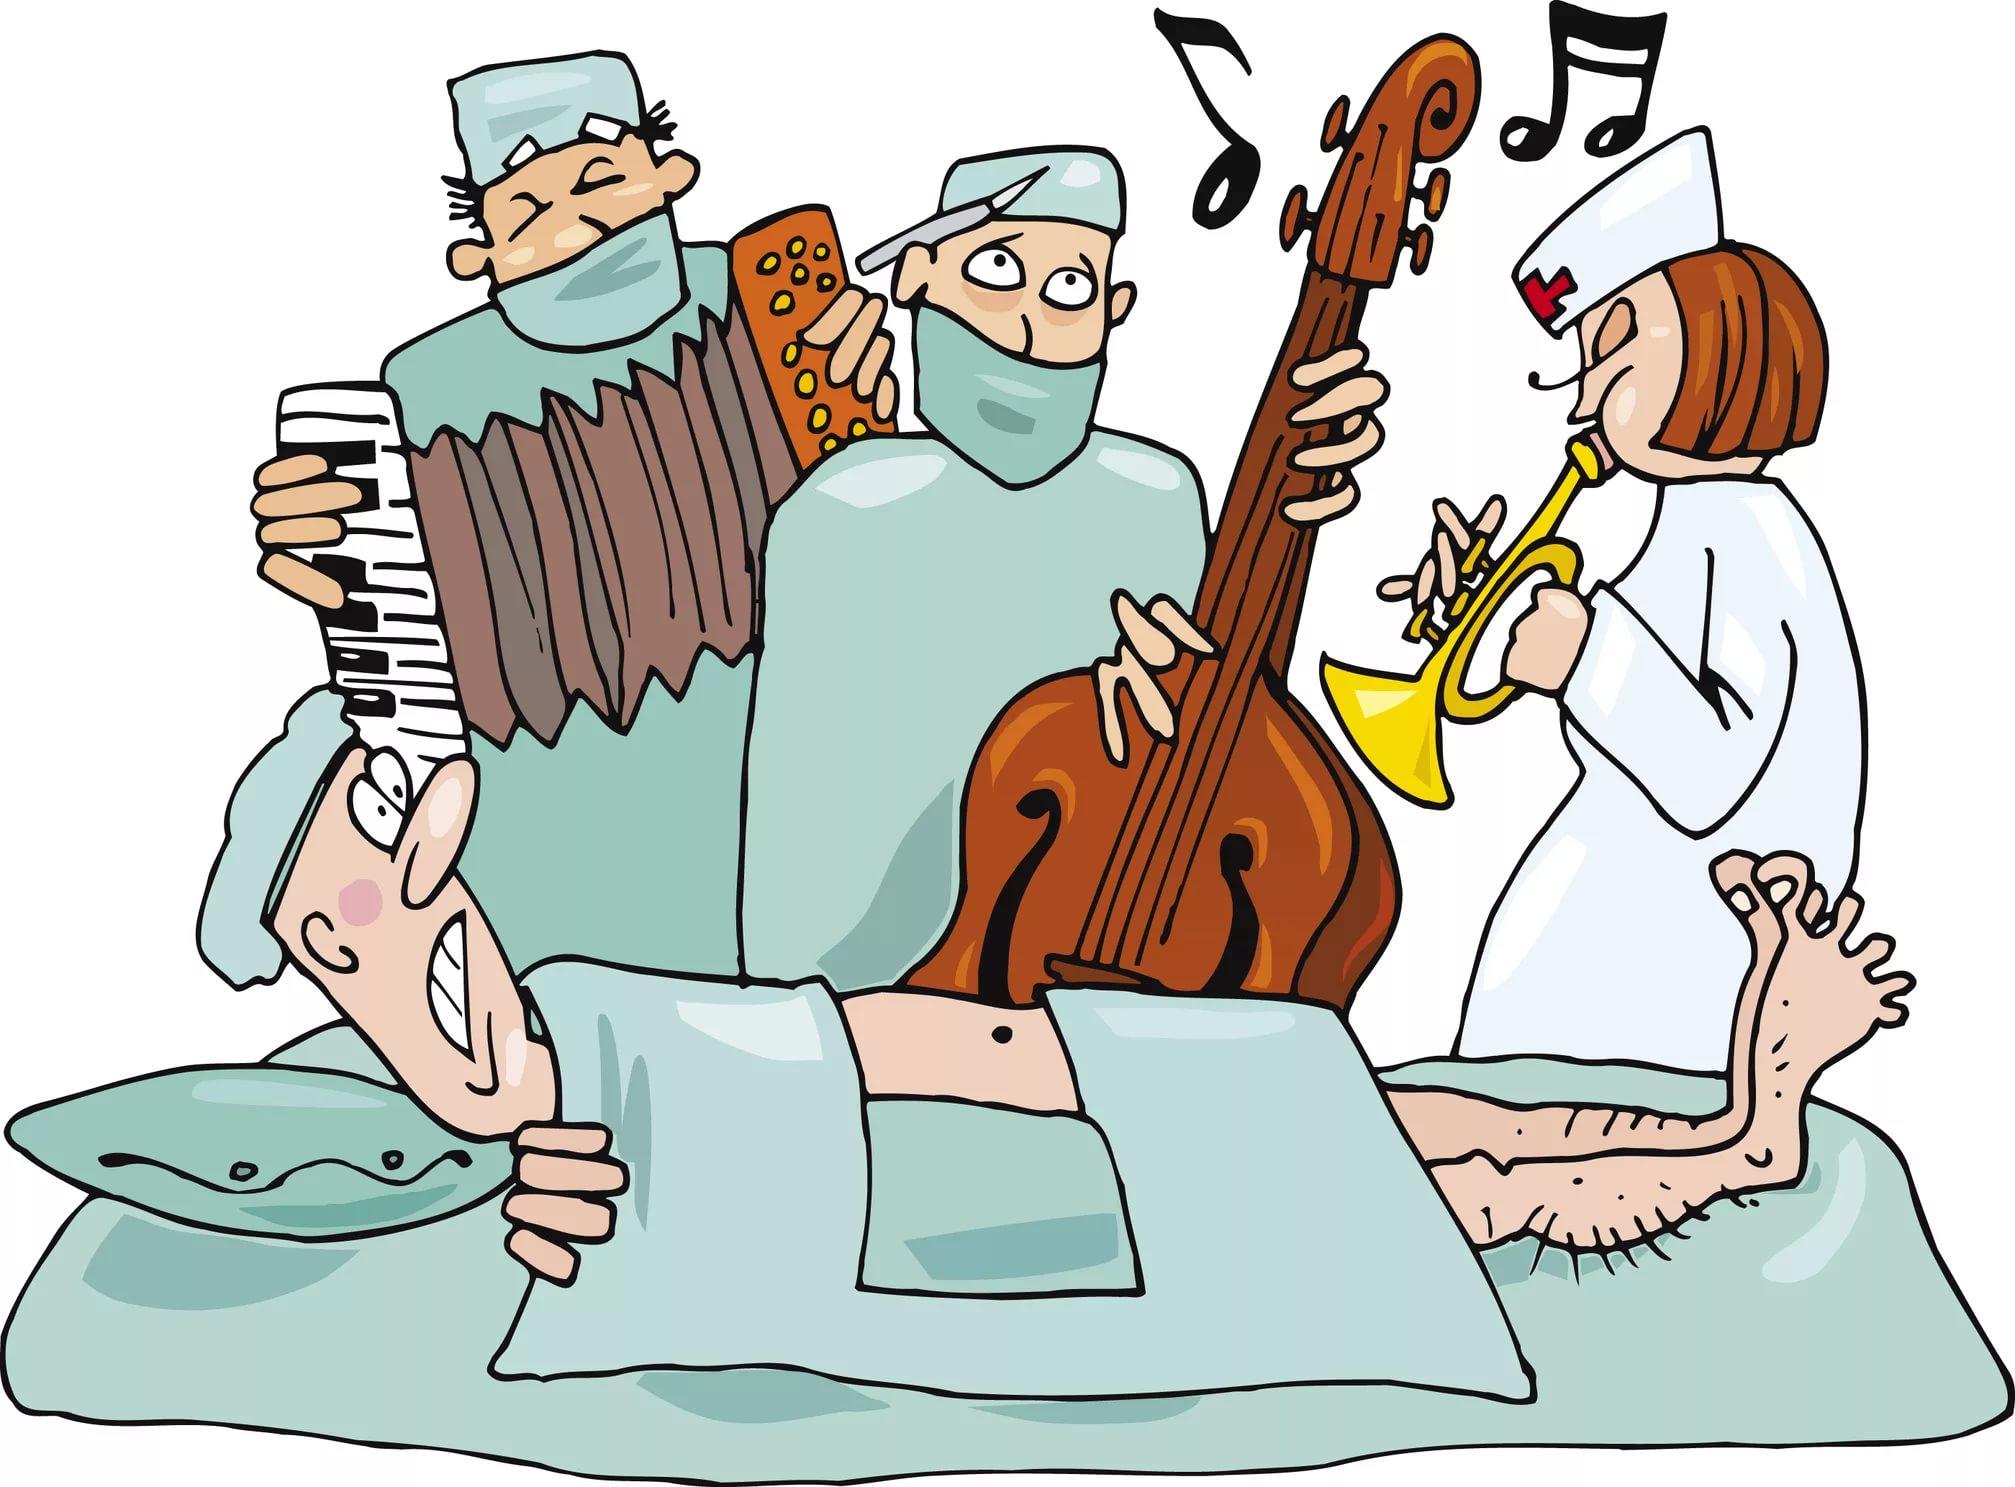 Влияние музыки на мозг человека факты исследования и теории дофамин влияние классической музыки на мозг человека